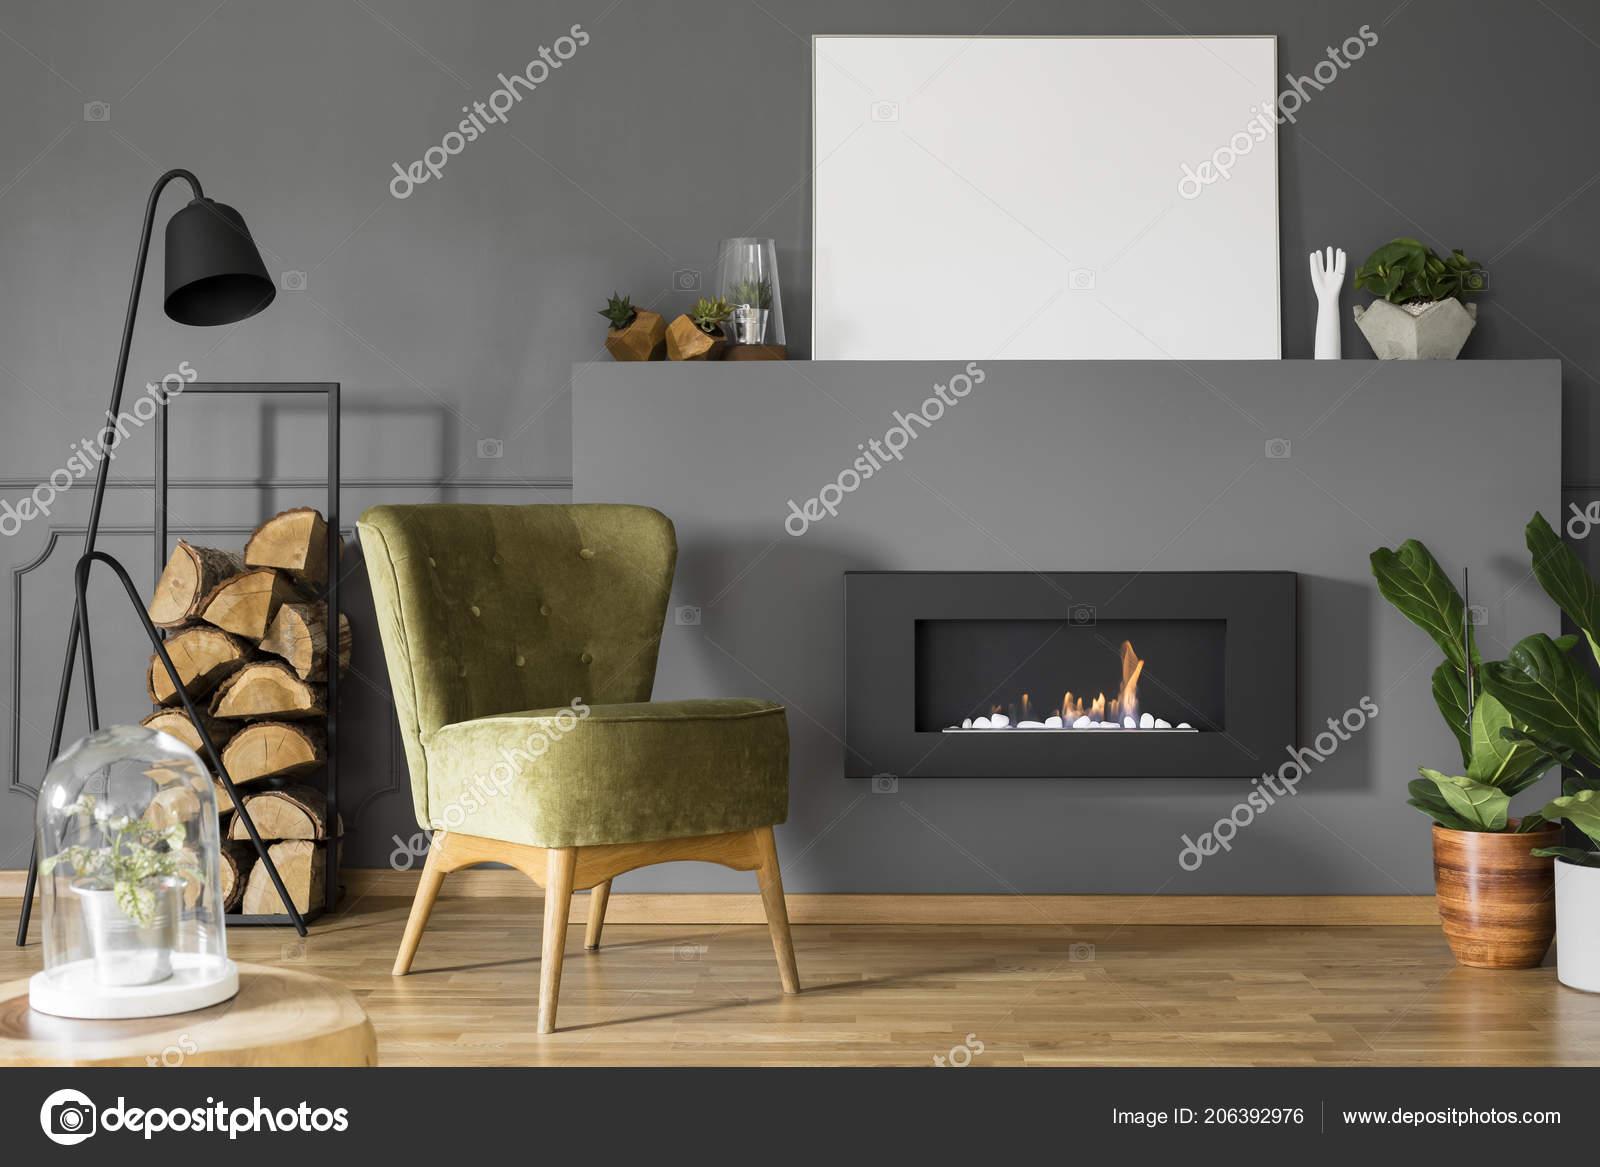 Echtes Foto Von Einem Grunen Sessel Neben Einen Schwarzen Lampe